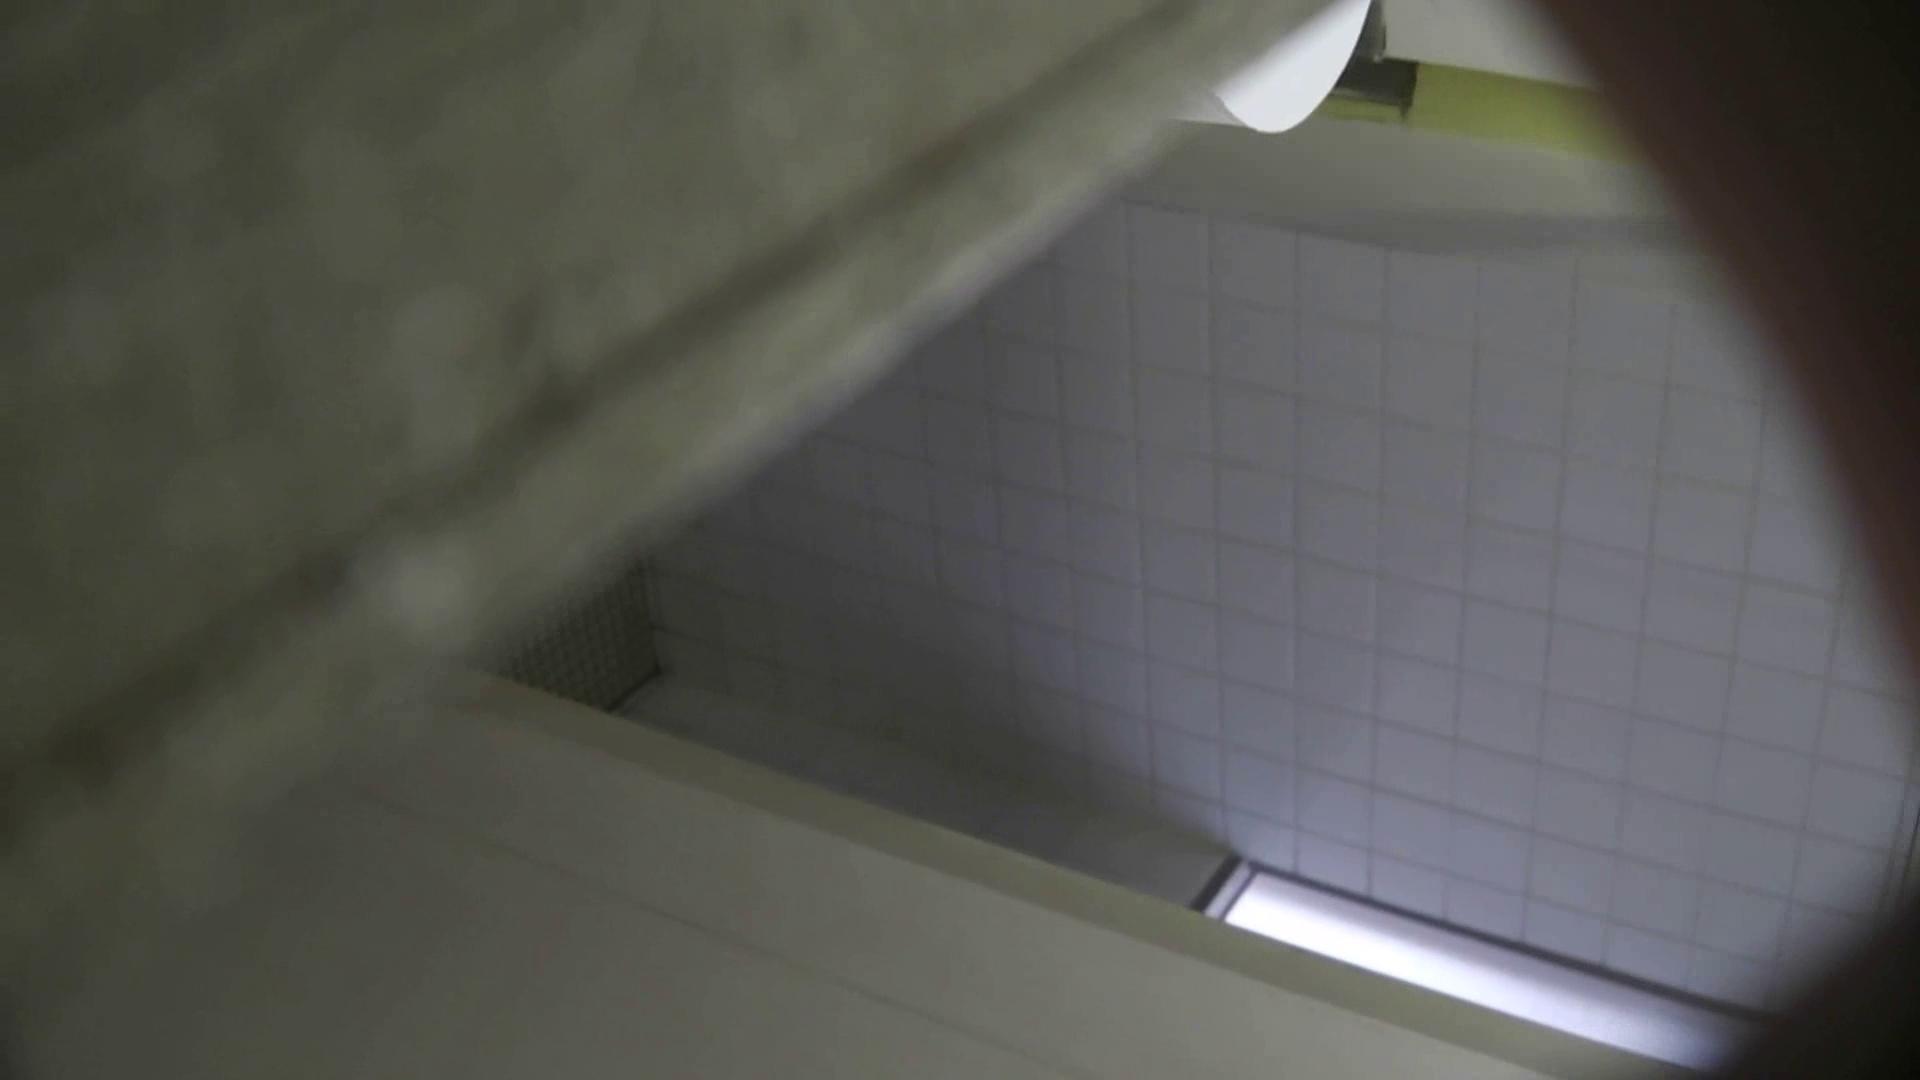 【美しき個室な世界】vol.015 特攻隊の軌跡 HなOL われめAV動画紹介 79pic 6